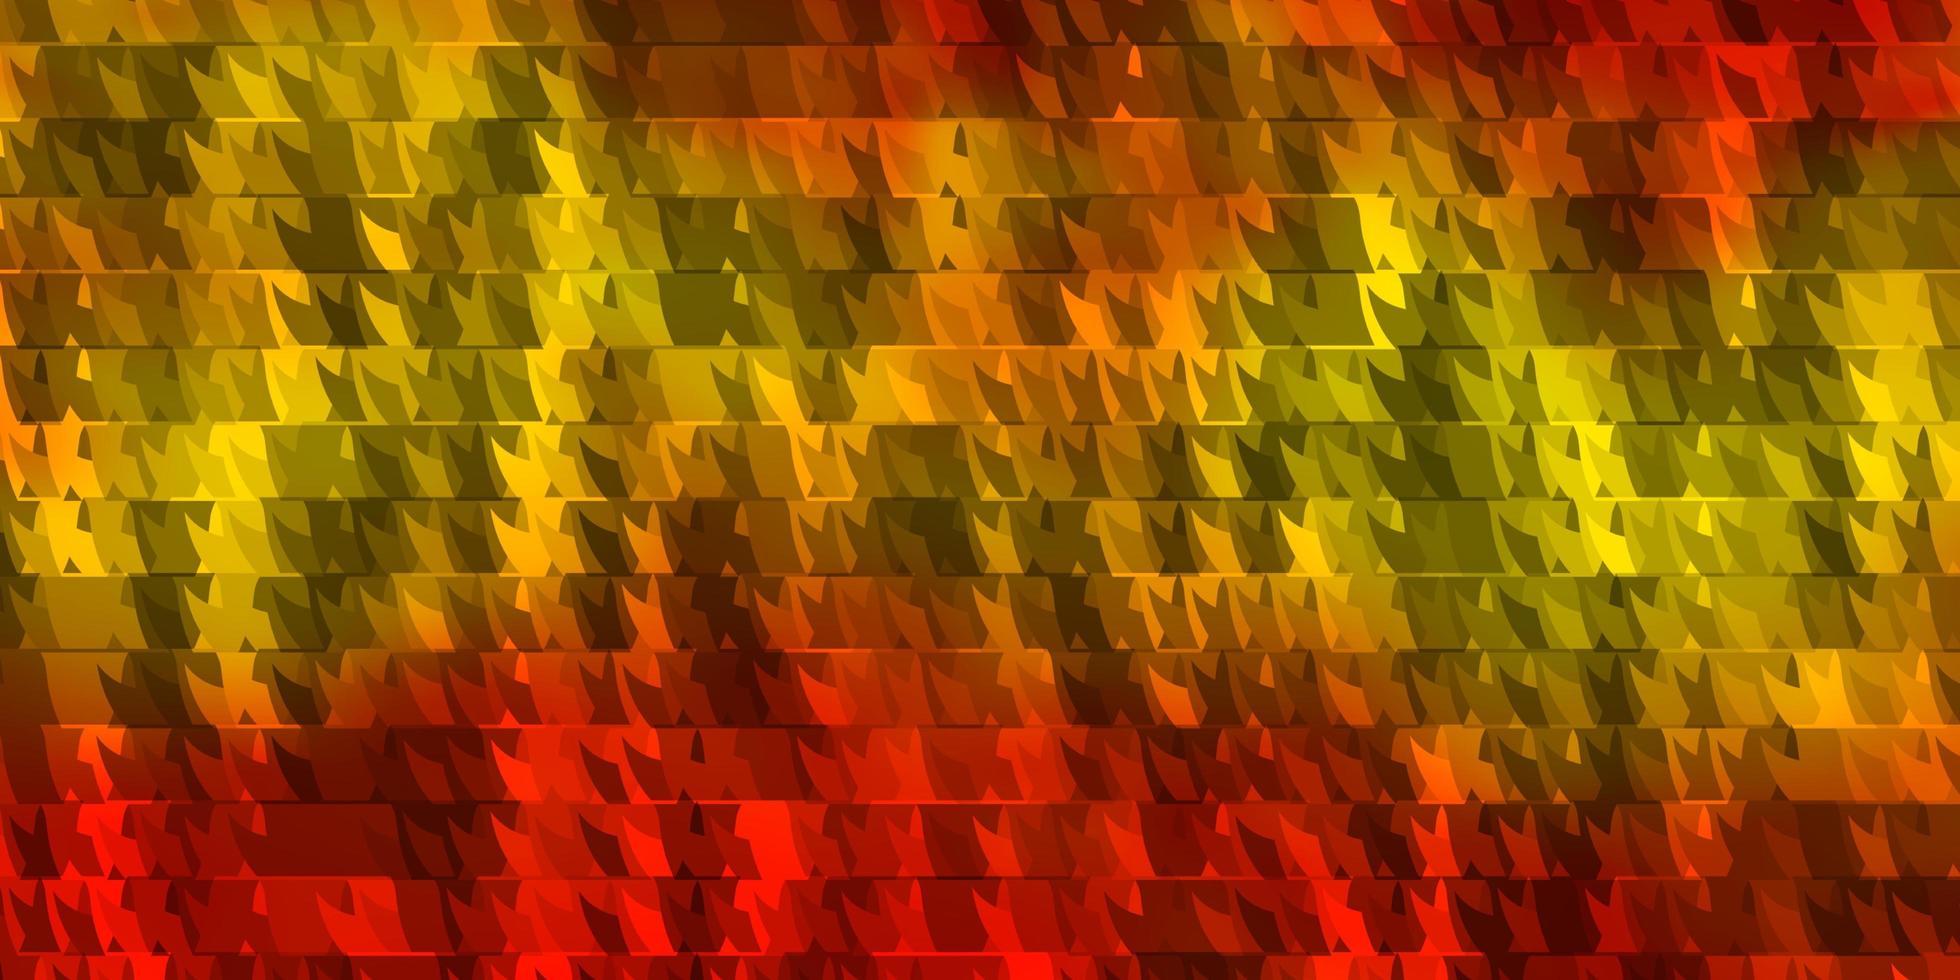 texture vecteur orange clair avec des lignes, des triangles.